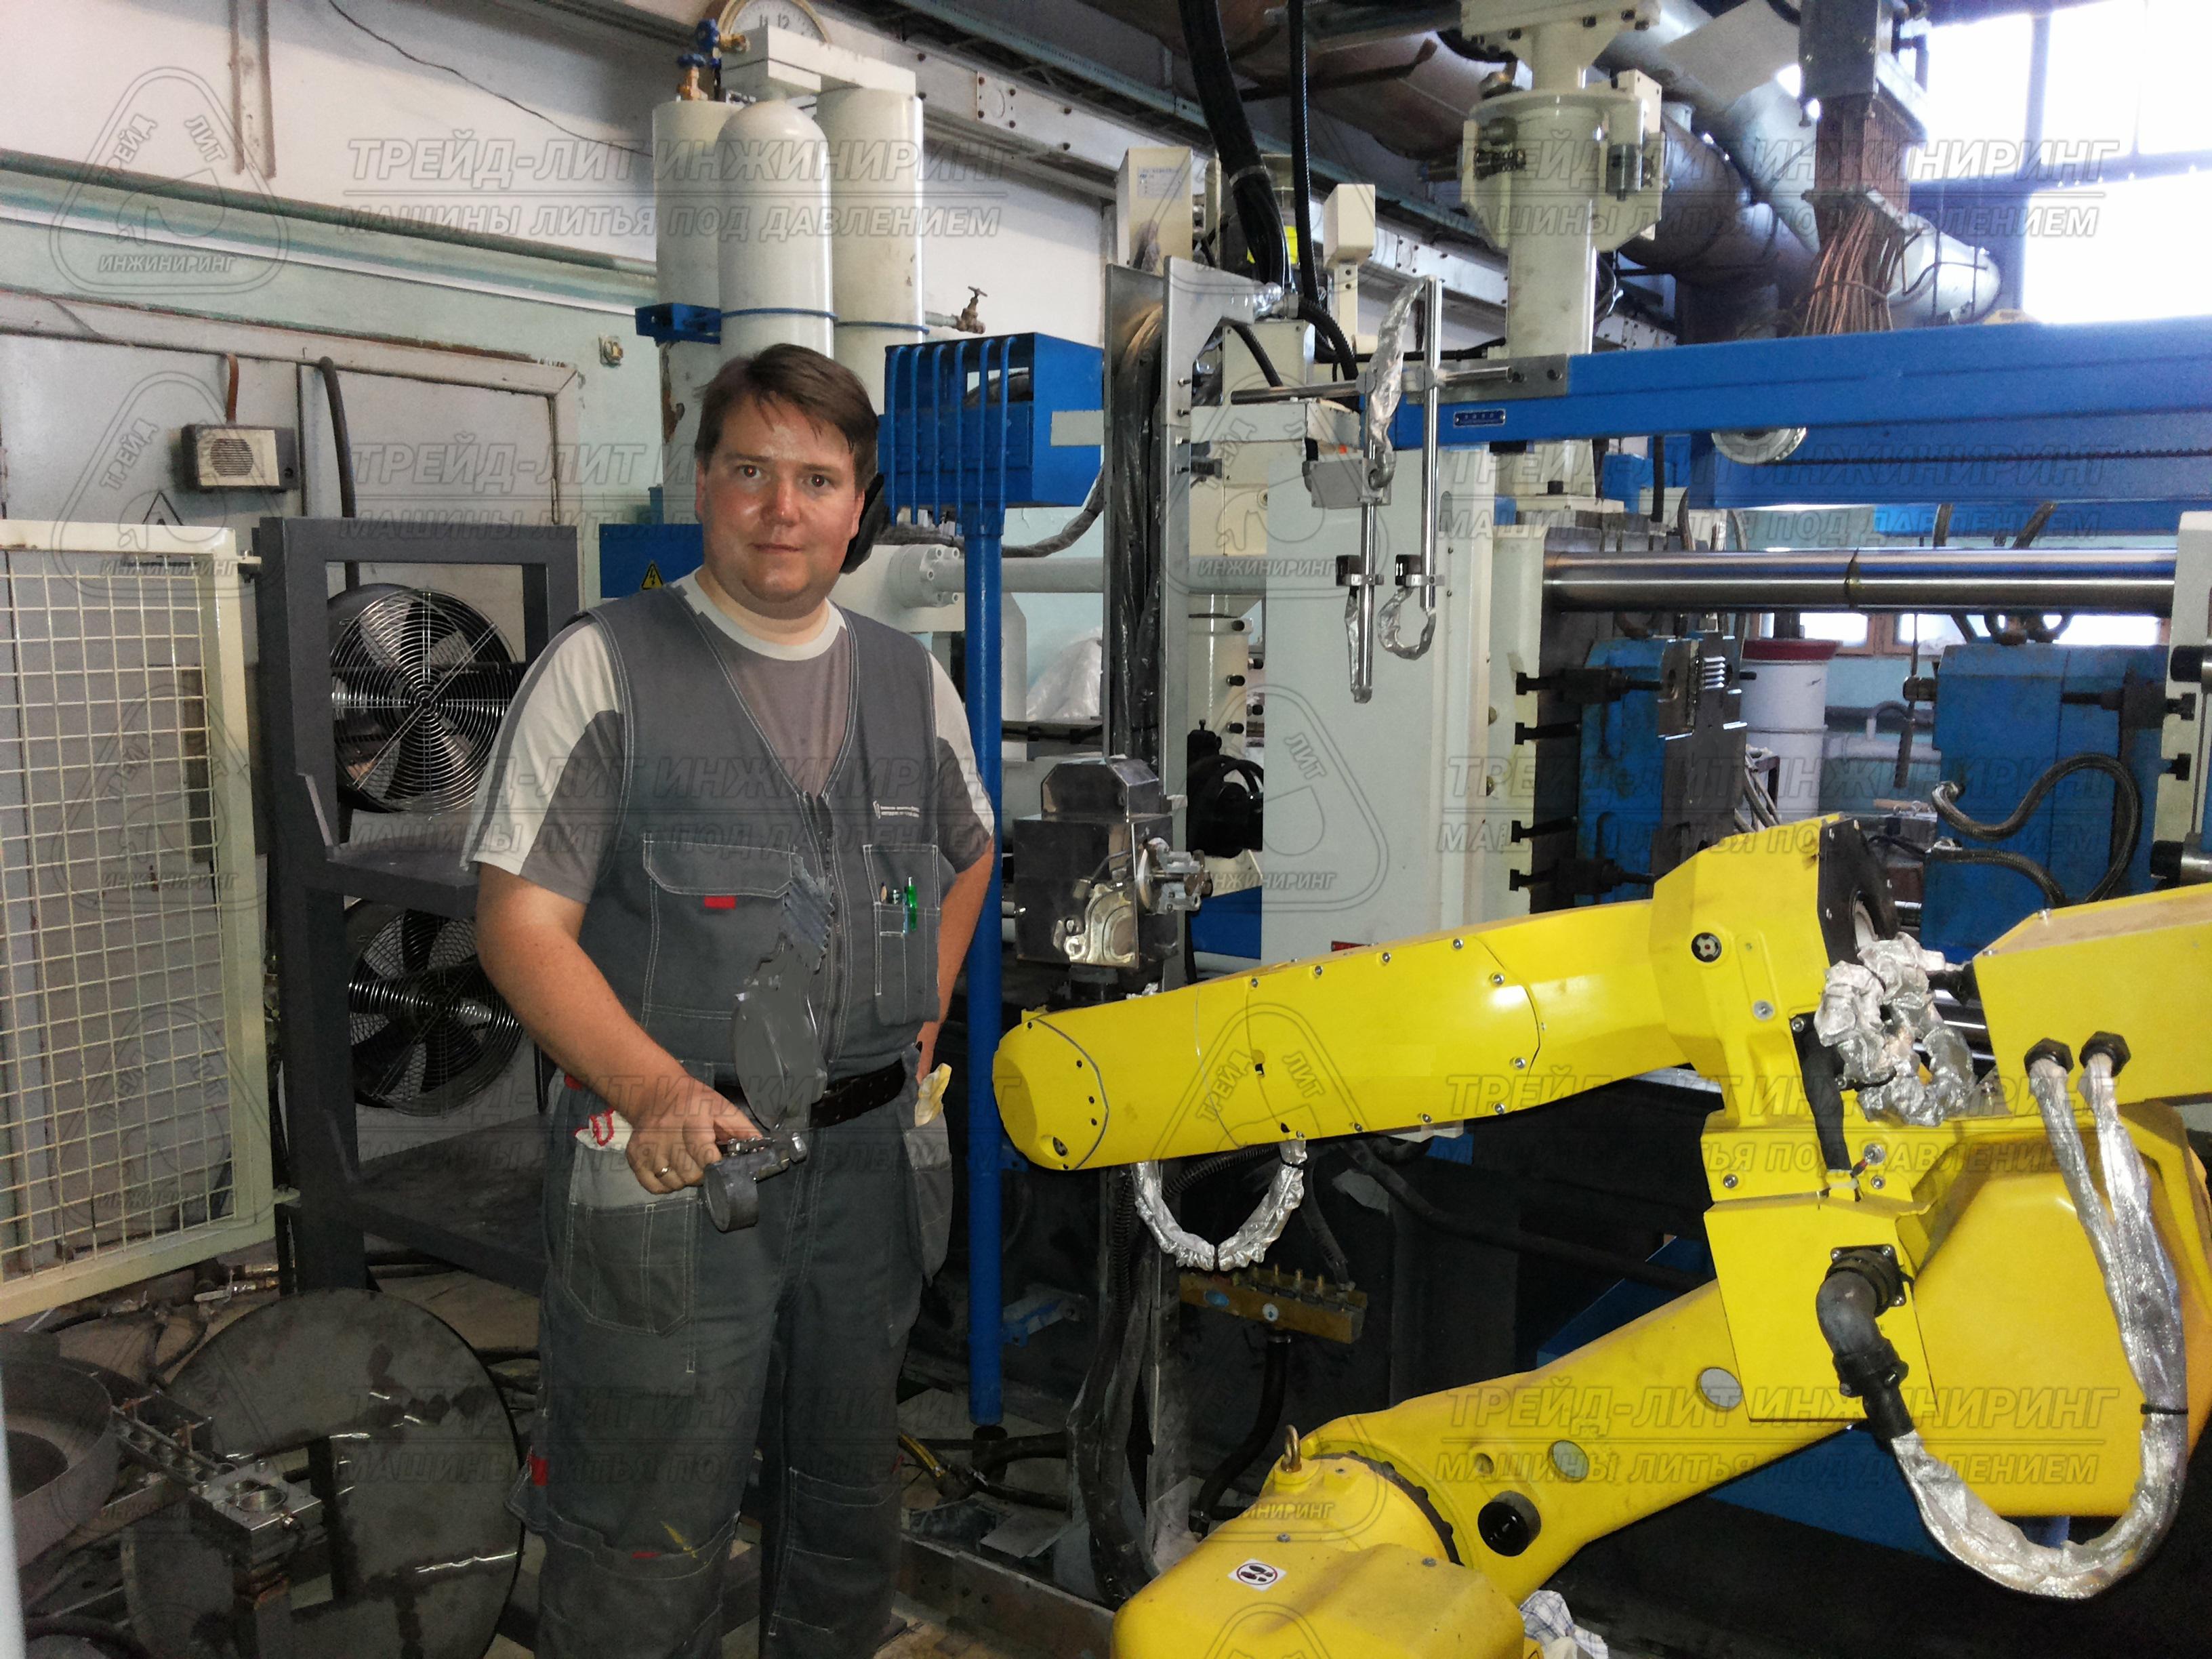 Робот-съемщик, работающий с машиной литья под давлением